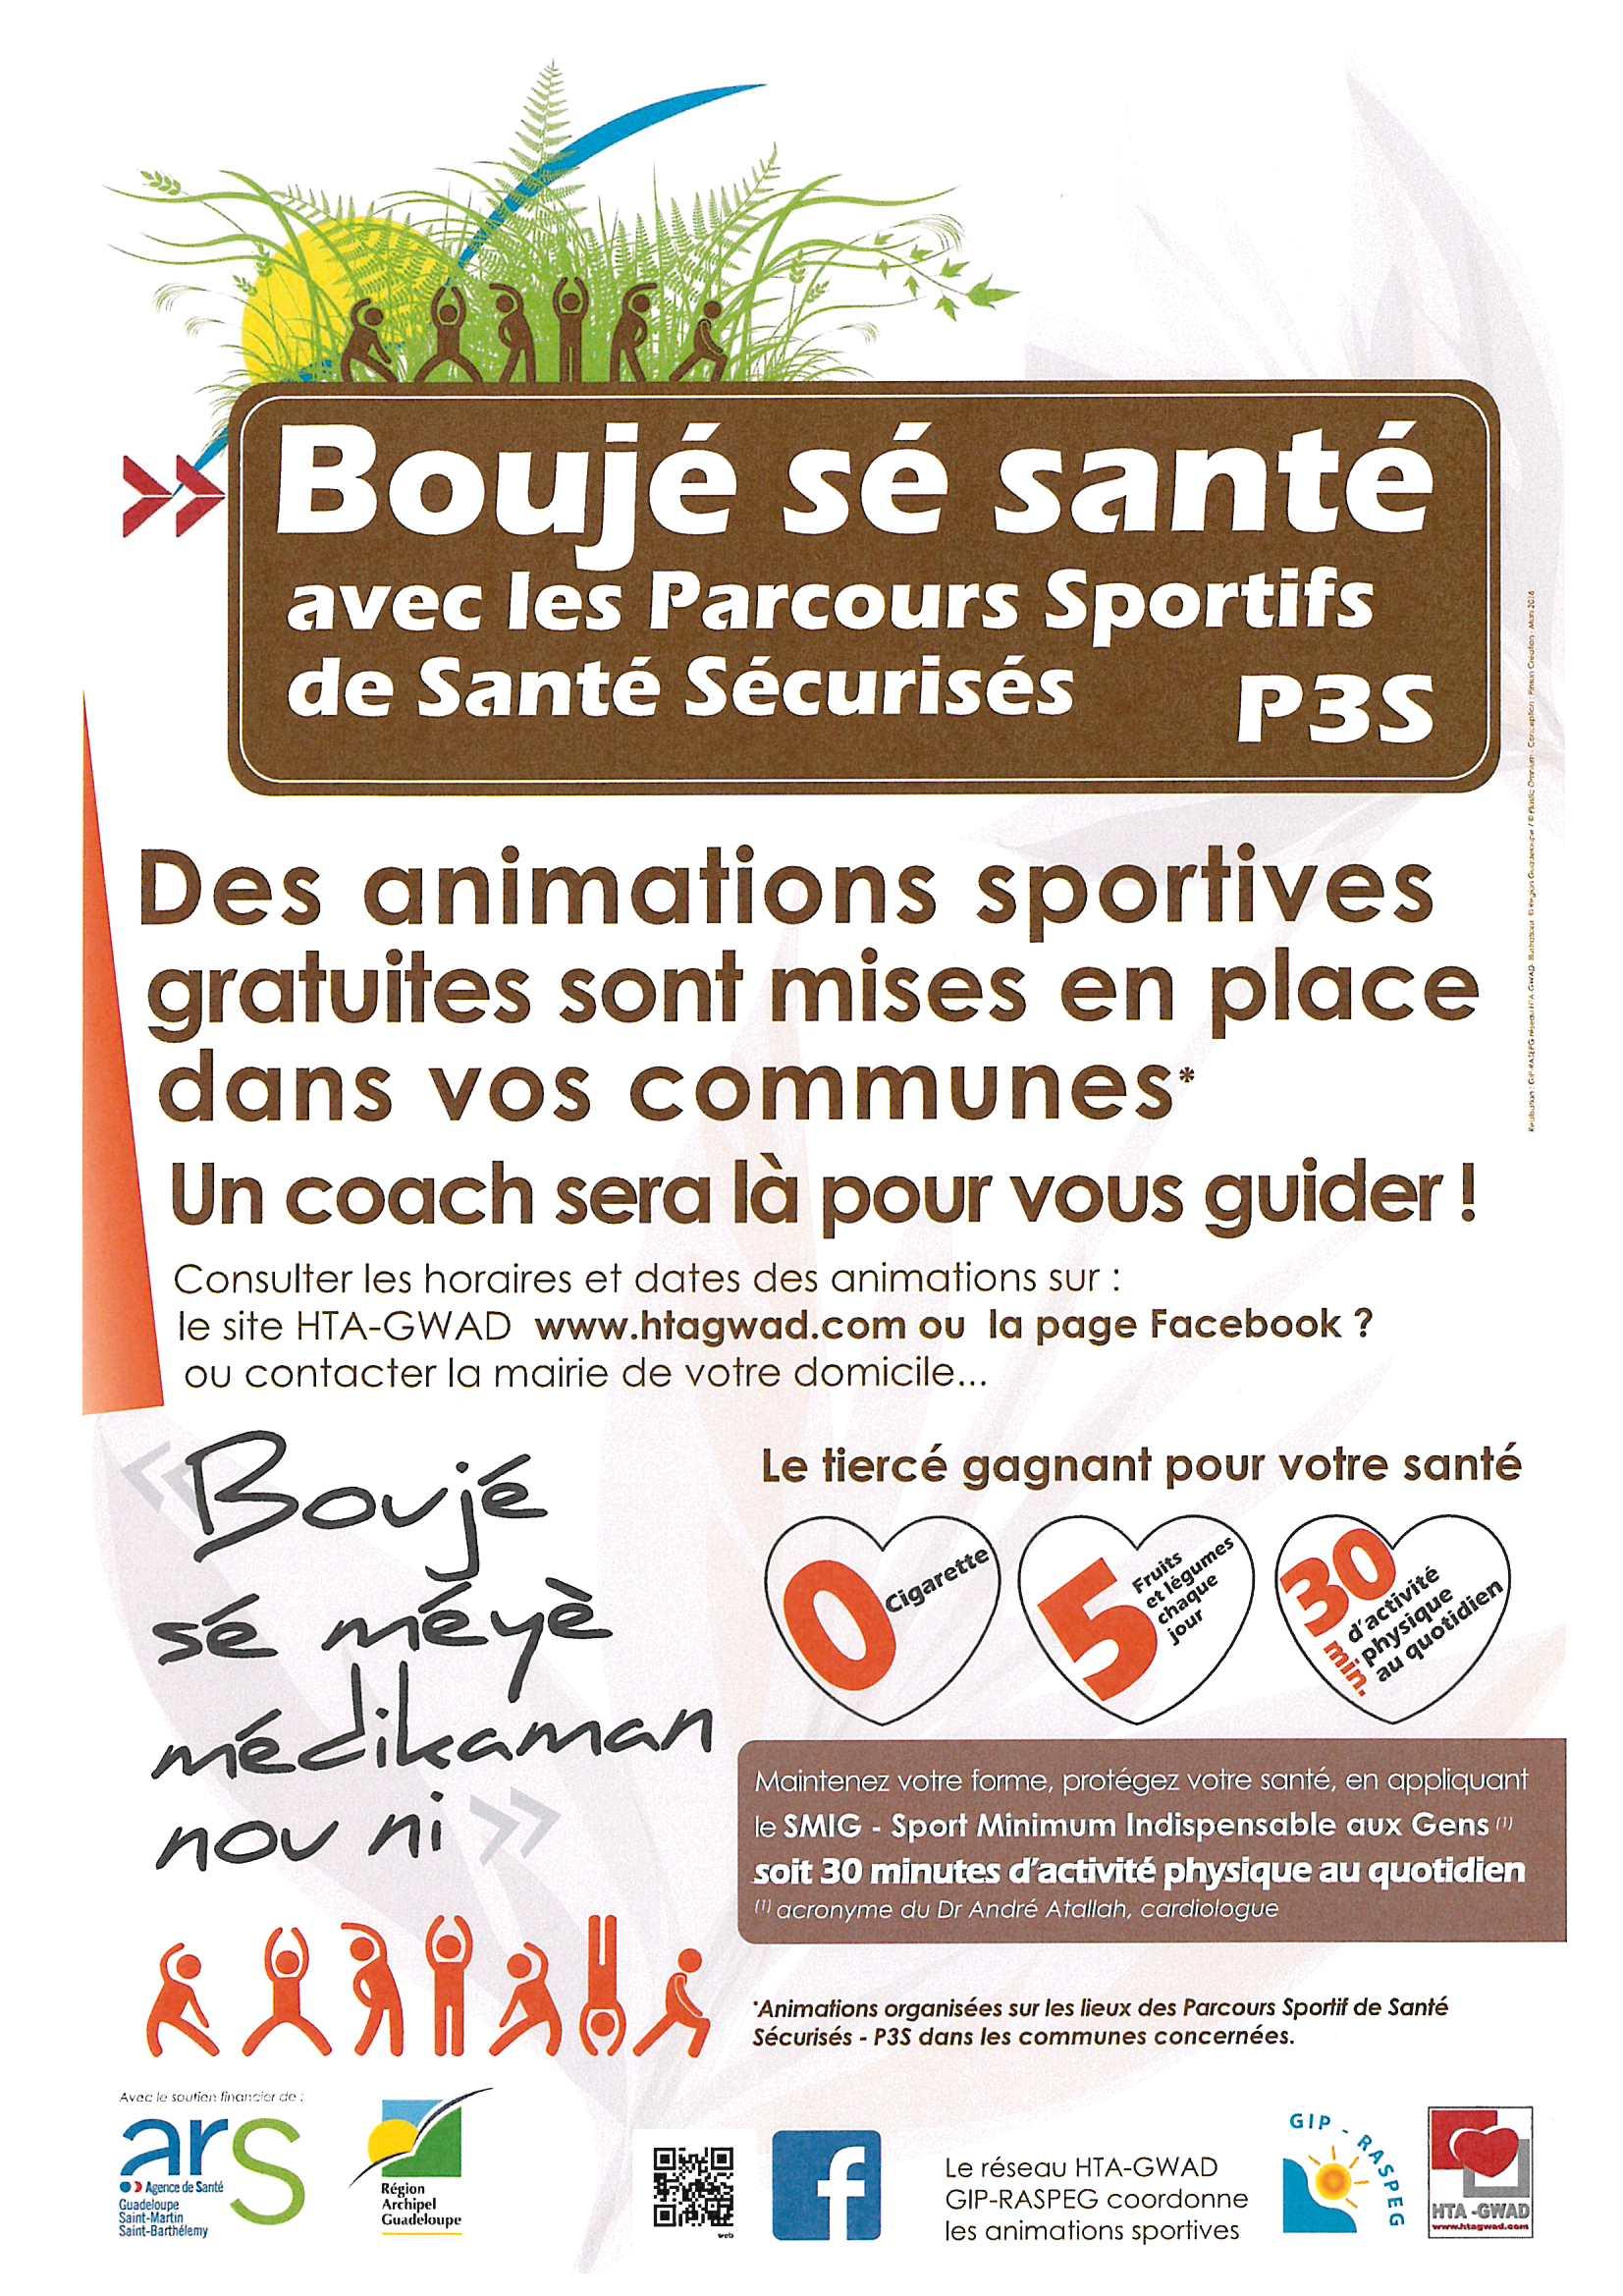 PARCOURS DE SANTE SÉCURISÉ (P3S)